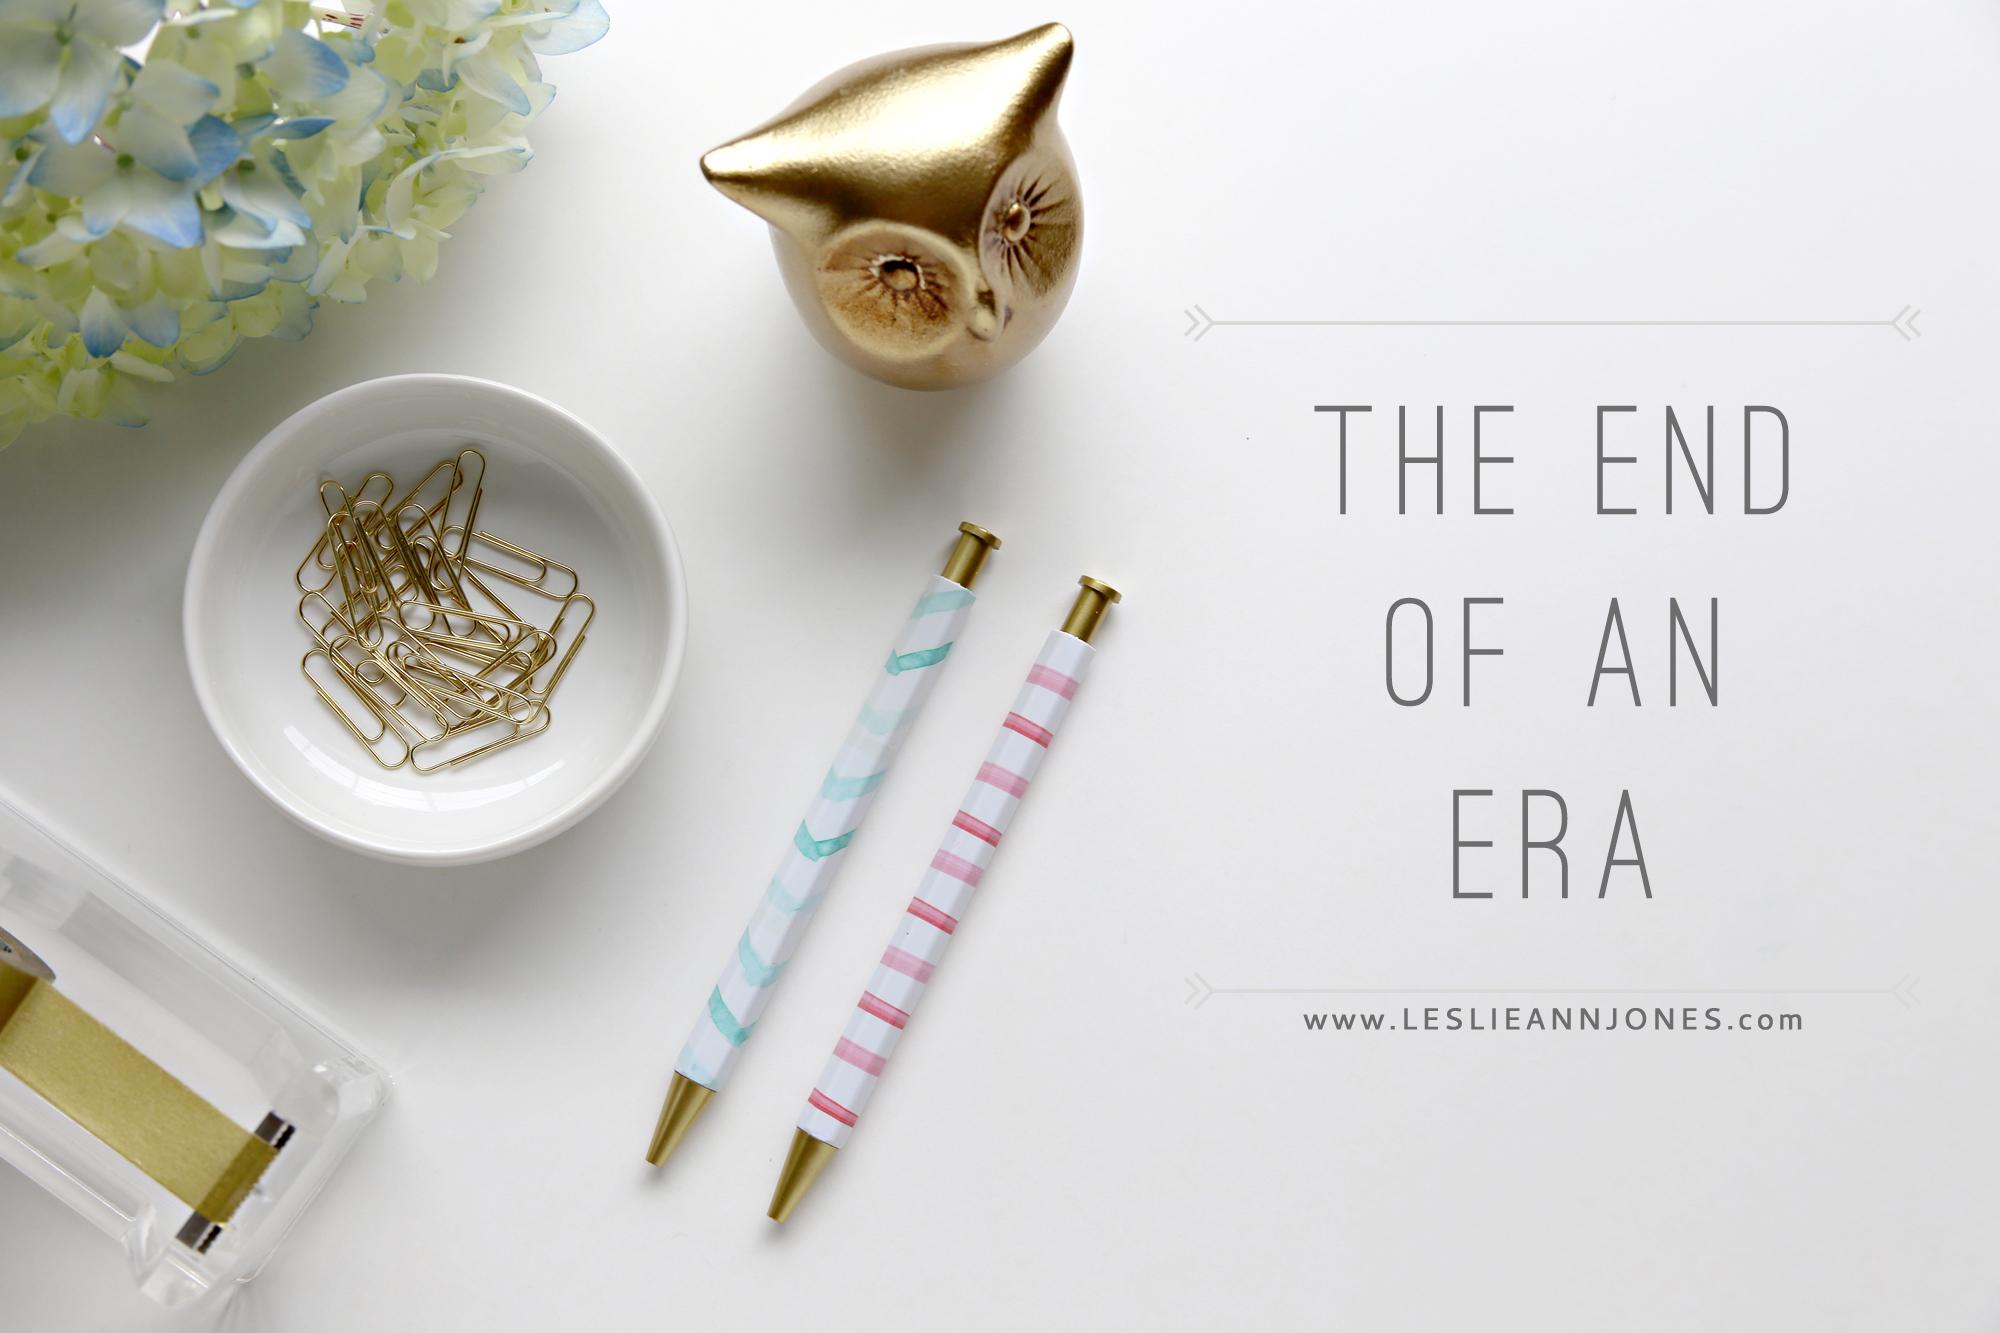 The End of an Era via leslieannjones.com